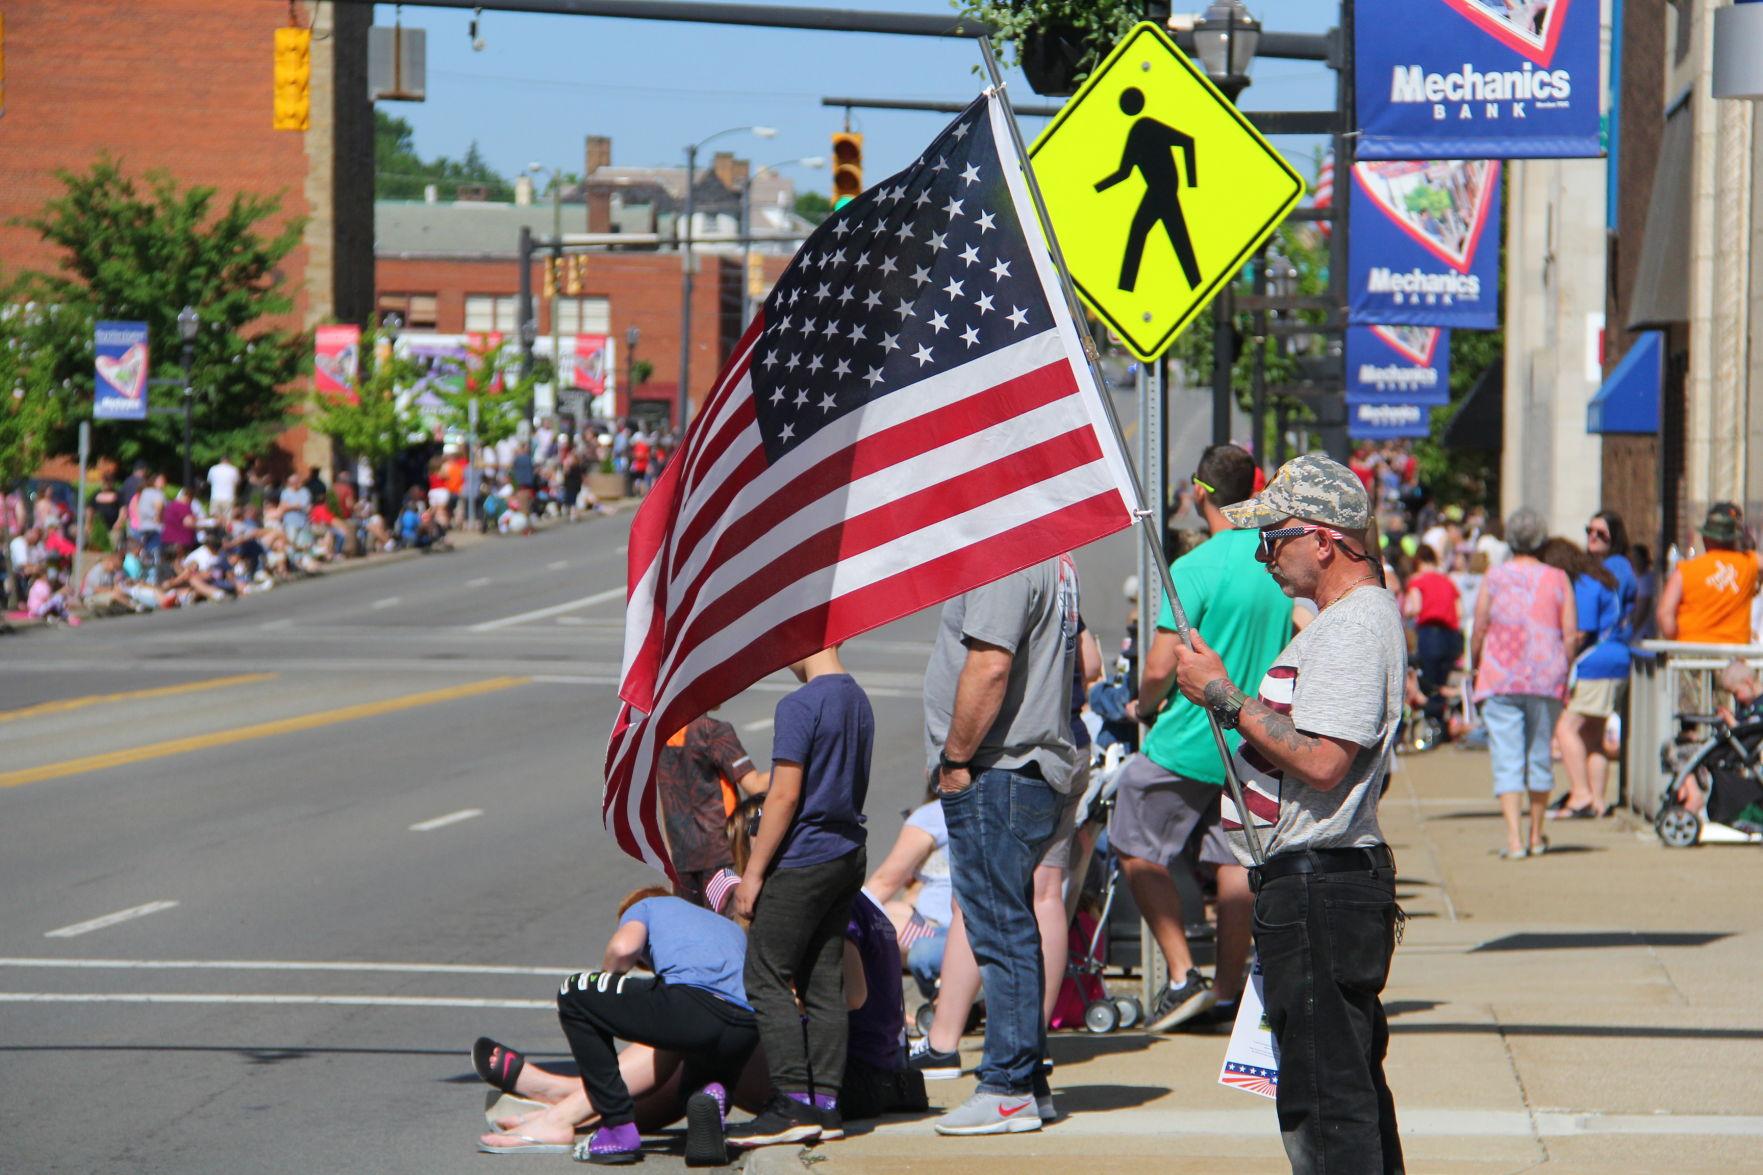 GALLERY: Mansfield Memorial Day Parade 2019